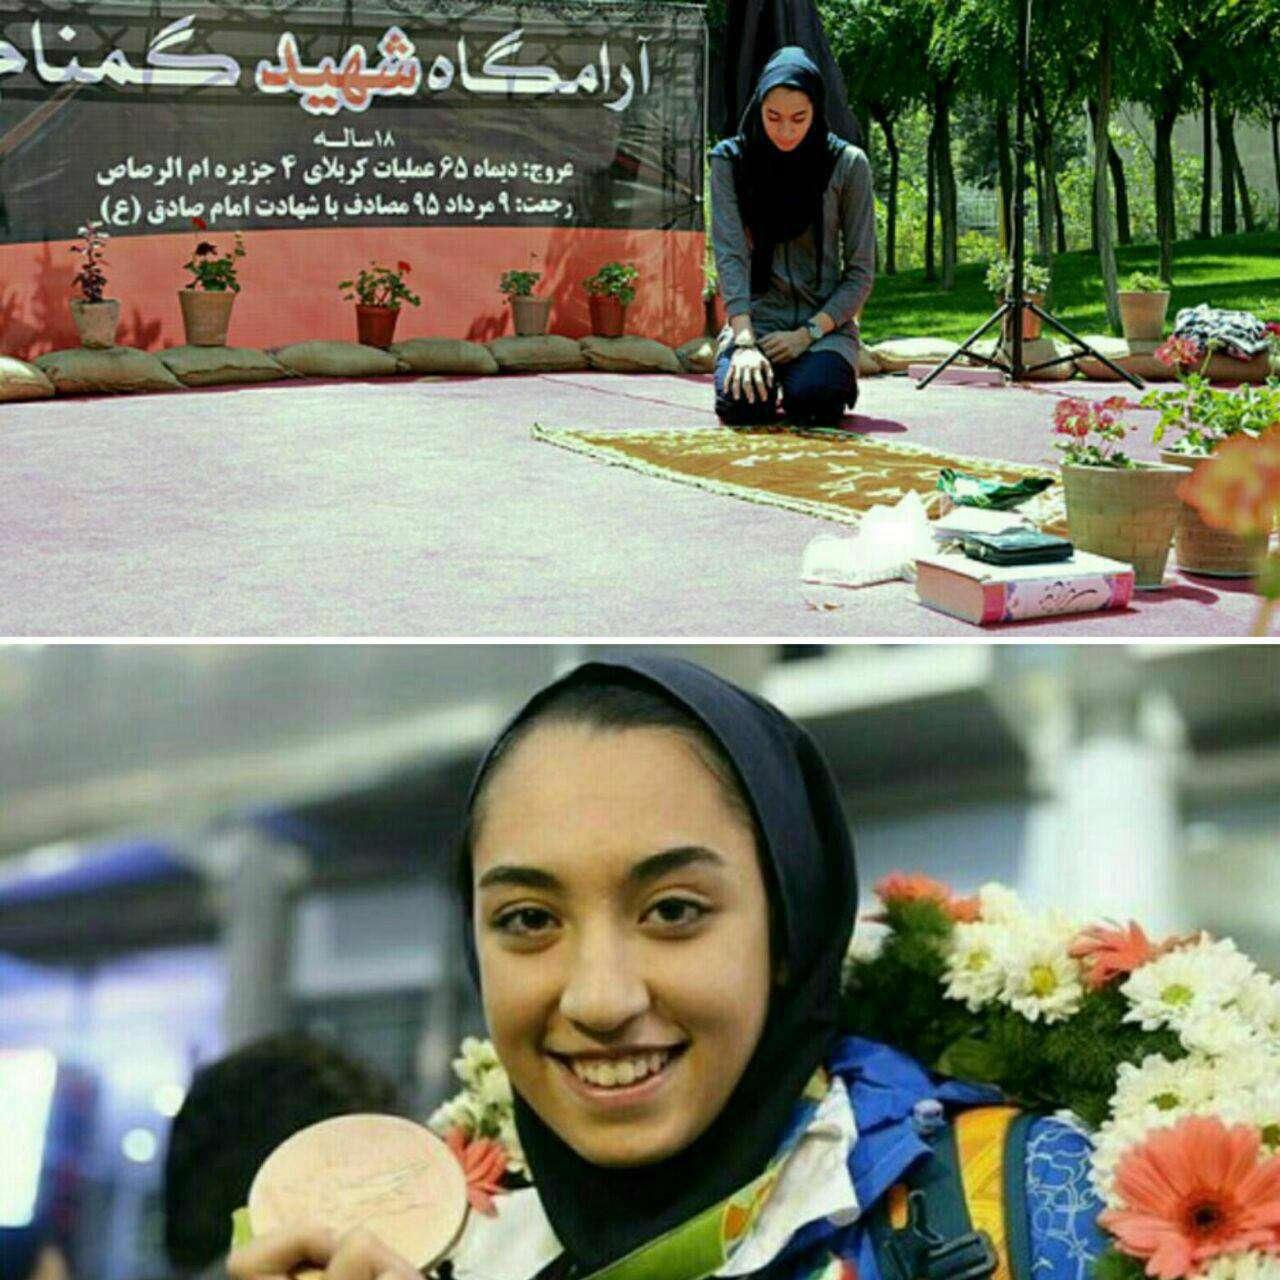 کیمیا علیزاده، مدال خود را به شهید گمنام ۱۸ سالهای که در فدراسیون تکواندو آرام گرفته است، تقدیم کرد